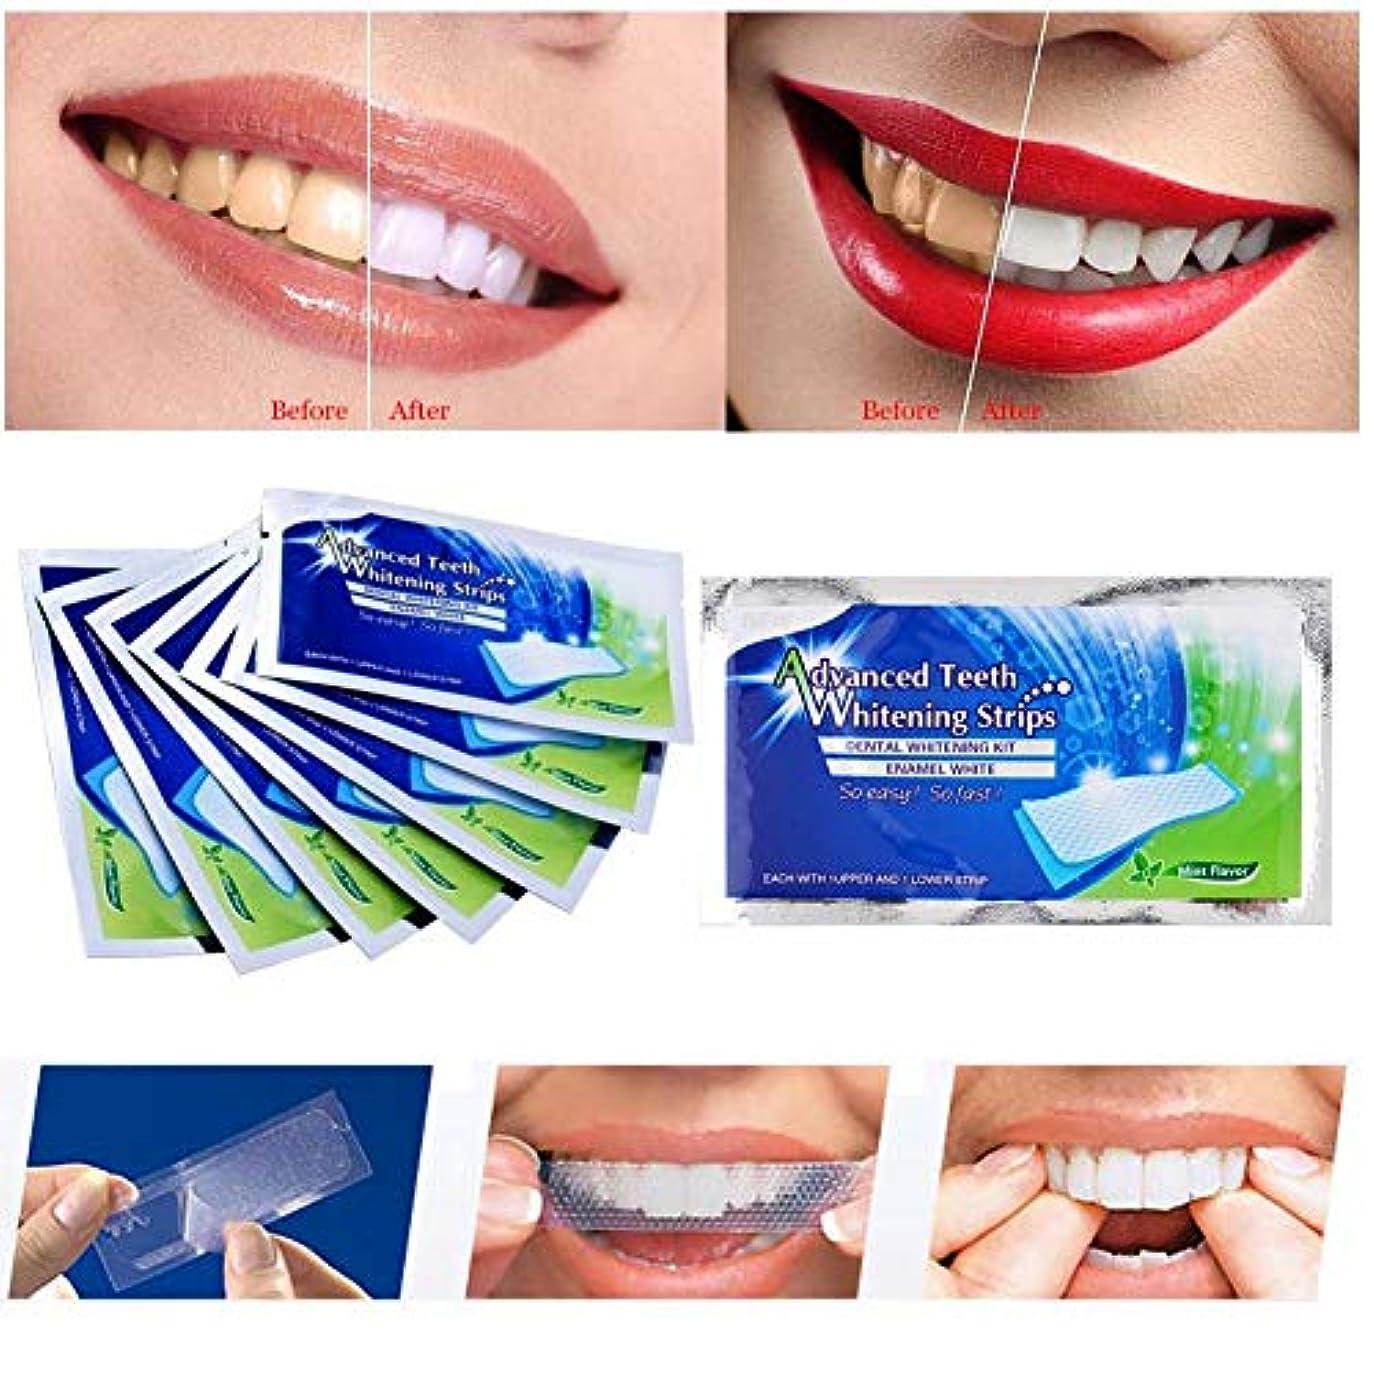 マーティフィールディング喉が渇いた保安(最高の品質と価格)20pcs(10bag)歯ホワイトニングストリップ歯科治療用の完璧なツール (Best Quality and Price) 20pcs (10bag) Teeth Whitening Strips...